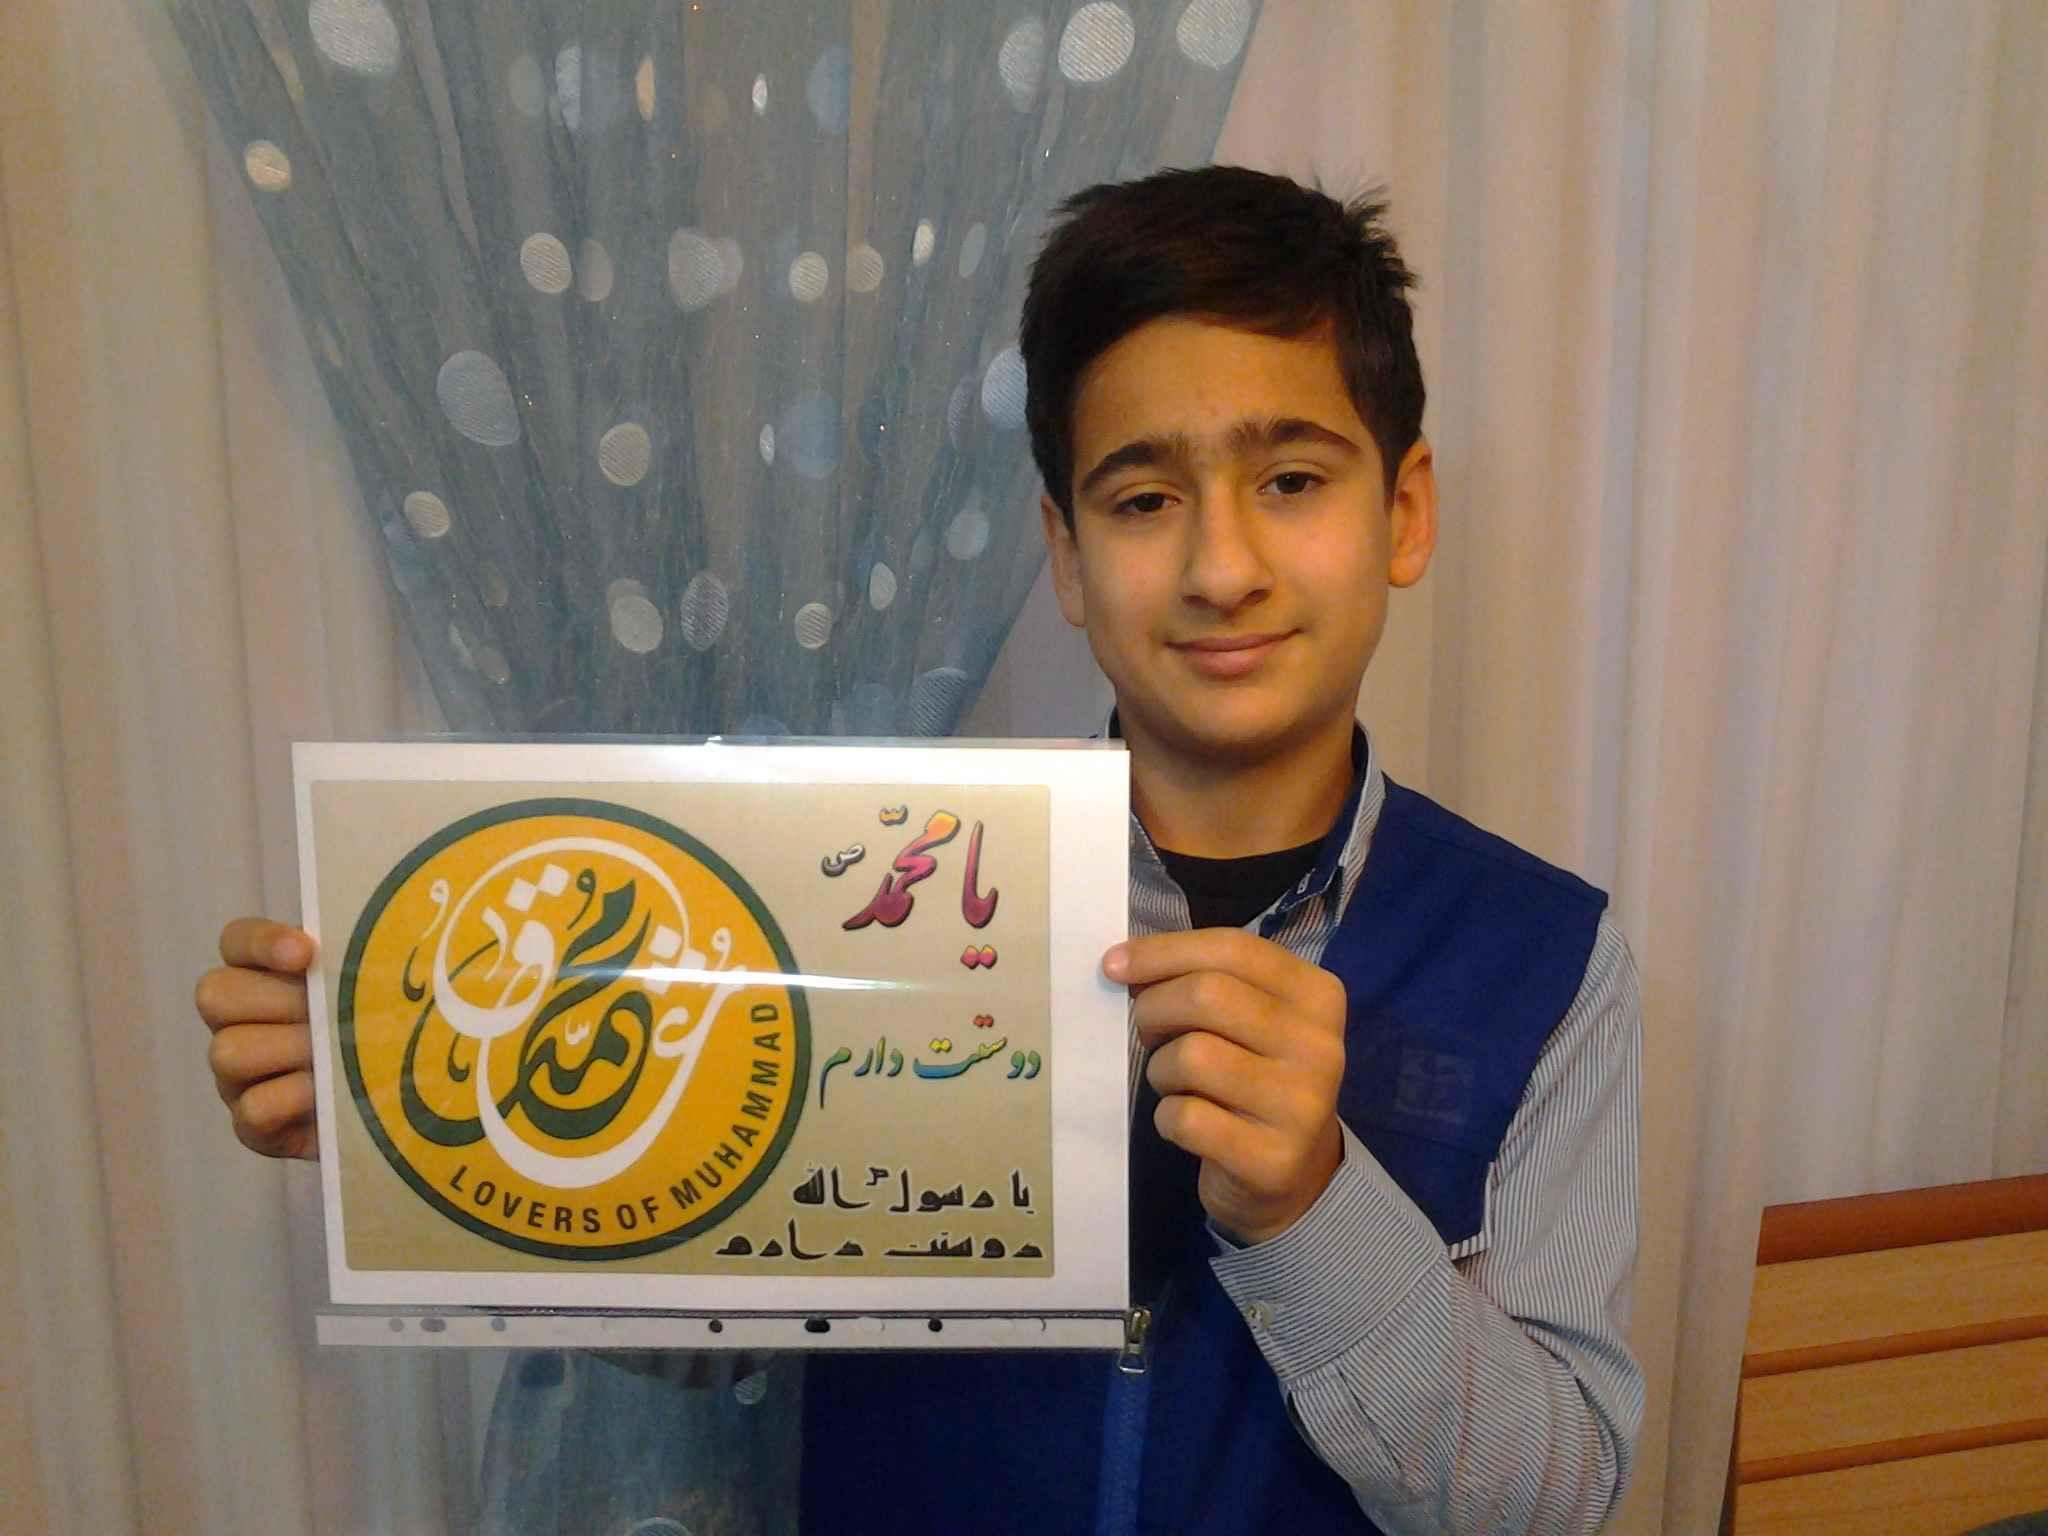 من حضرت محمد (صلی الله علیه و آله) را دوست دارم/i love the prophet muhammad